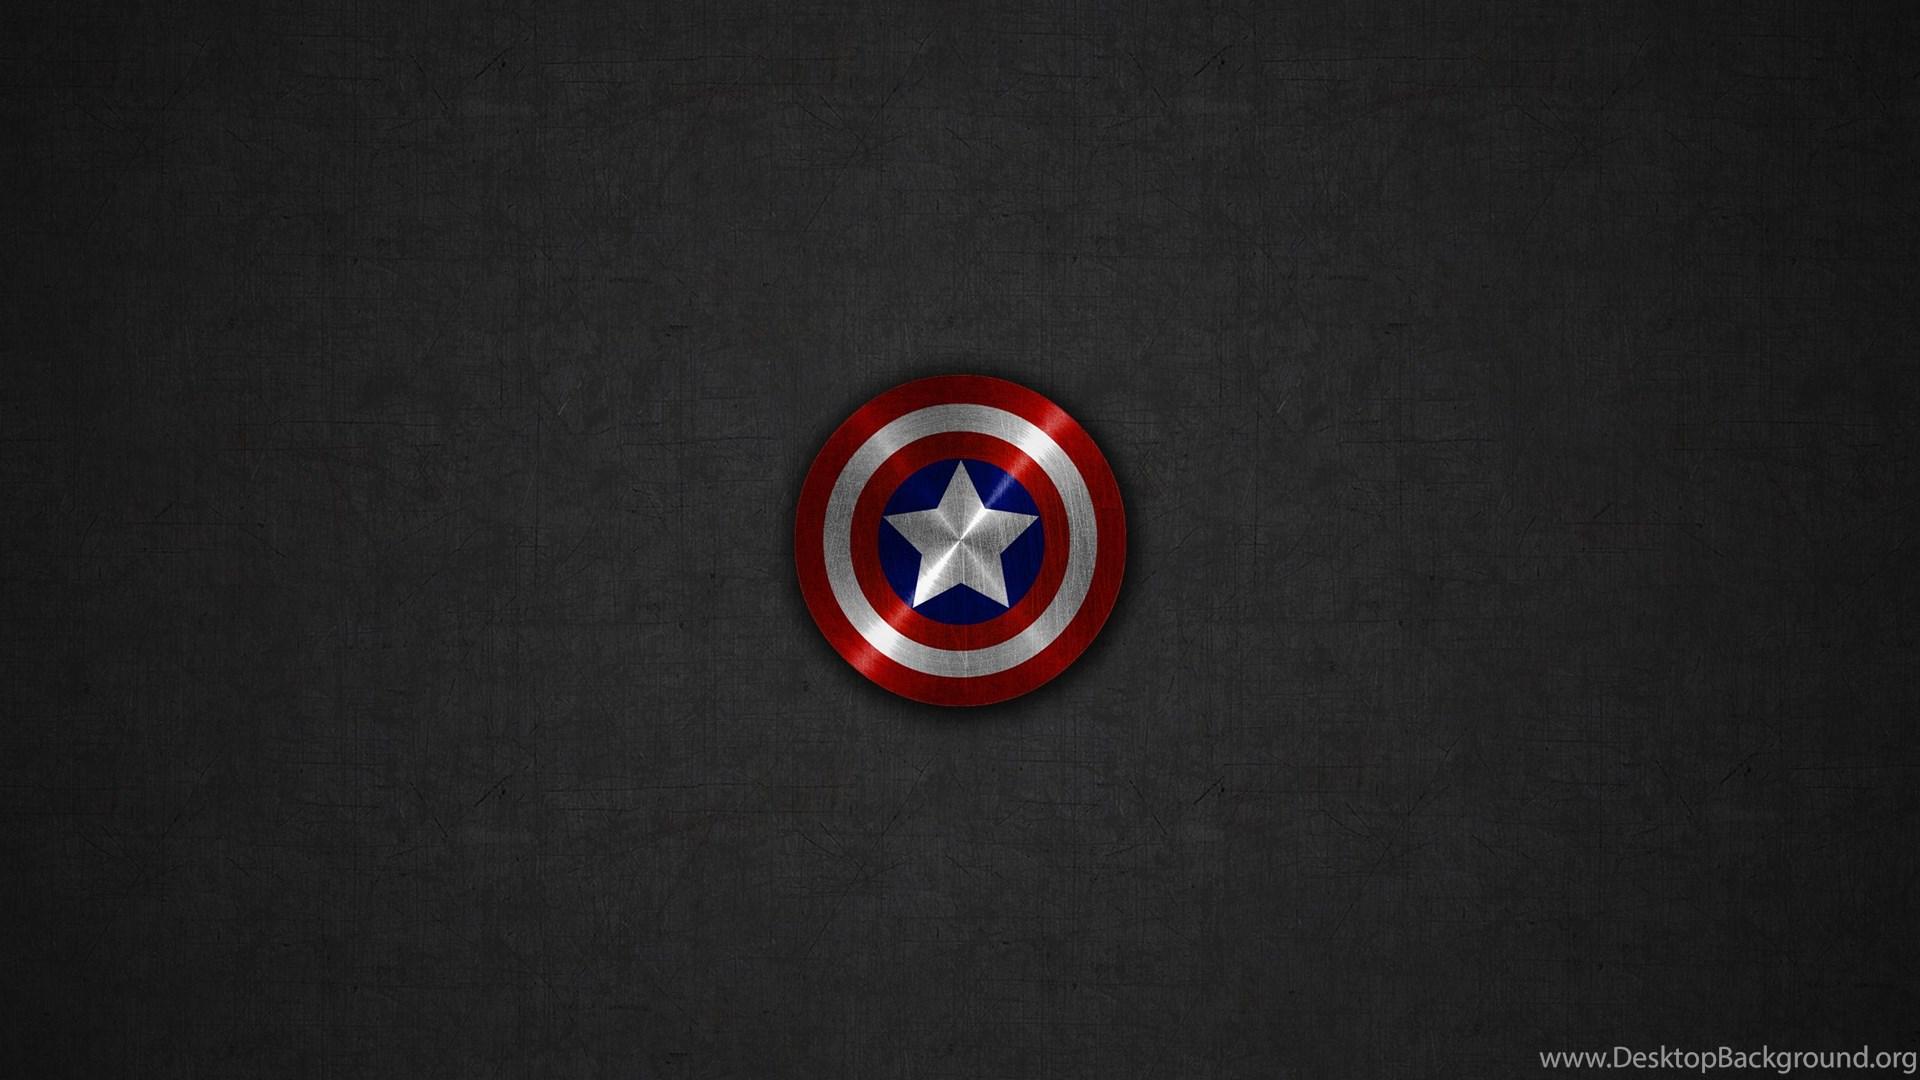 Jestingstock Com Captain America Shield Wallpapers 1280x1024 Desktop